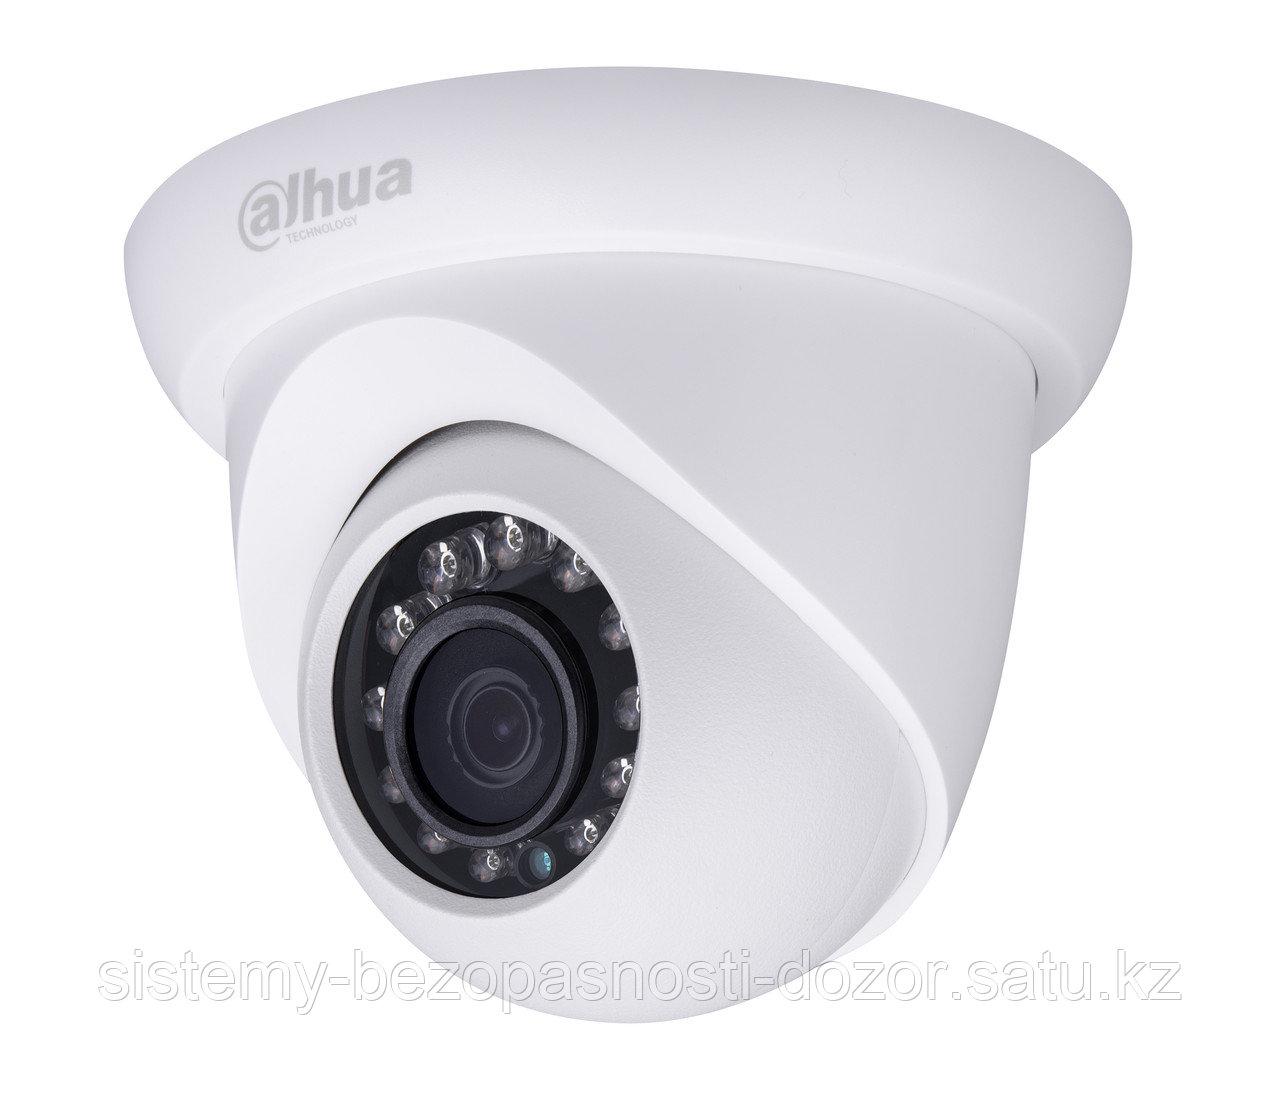 Камера видеонаблюдения IPC-HDW1020SP Dahua Technolog